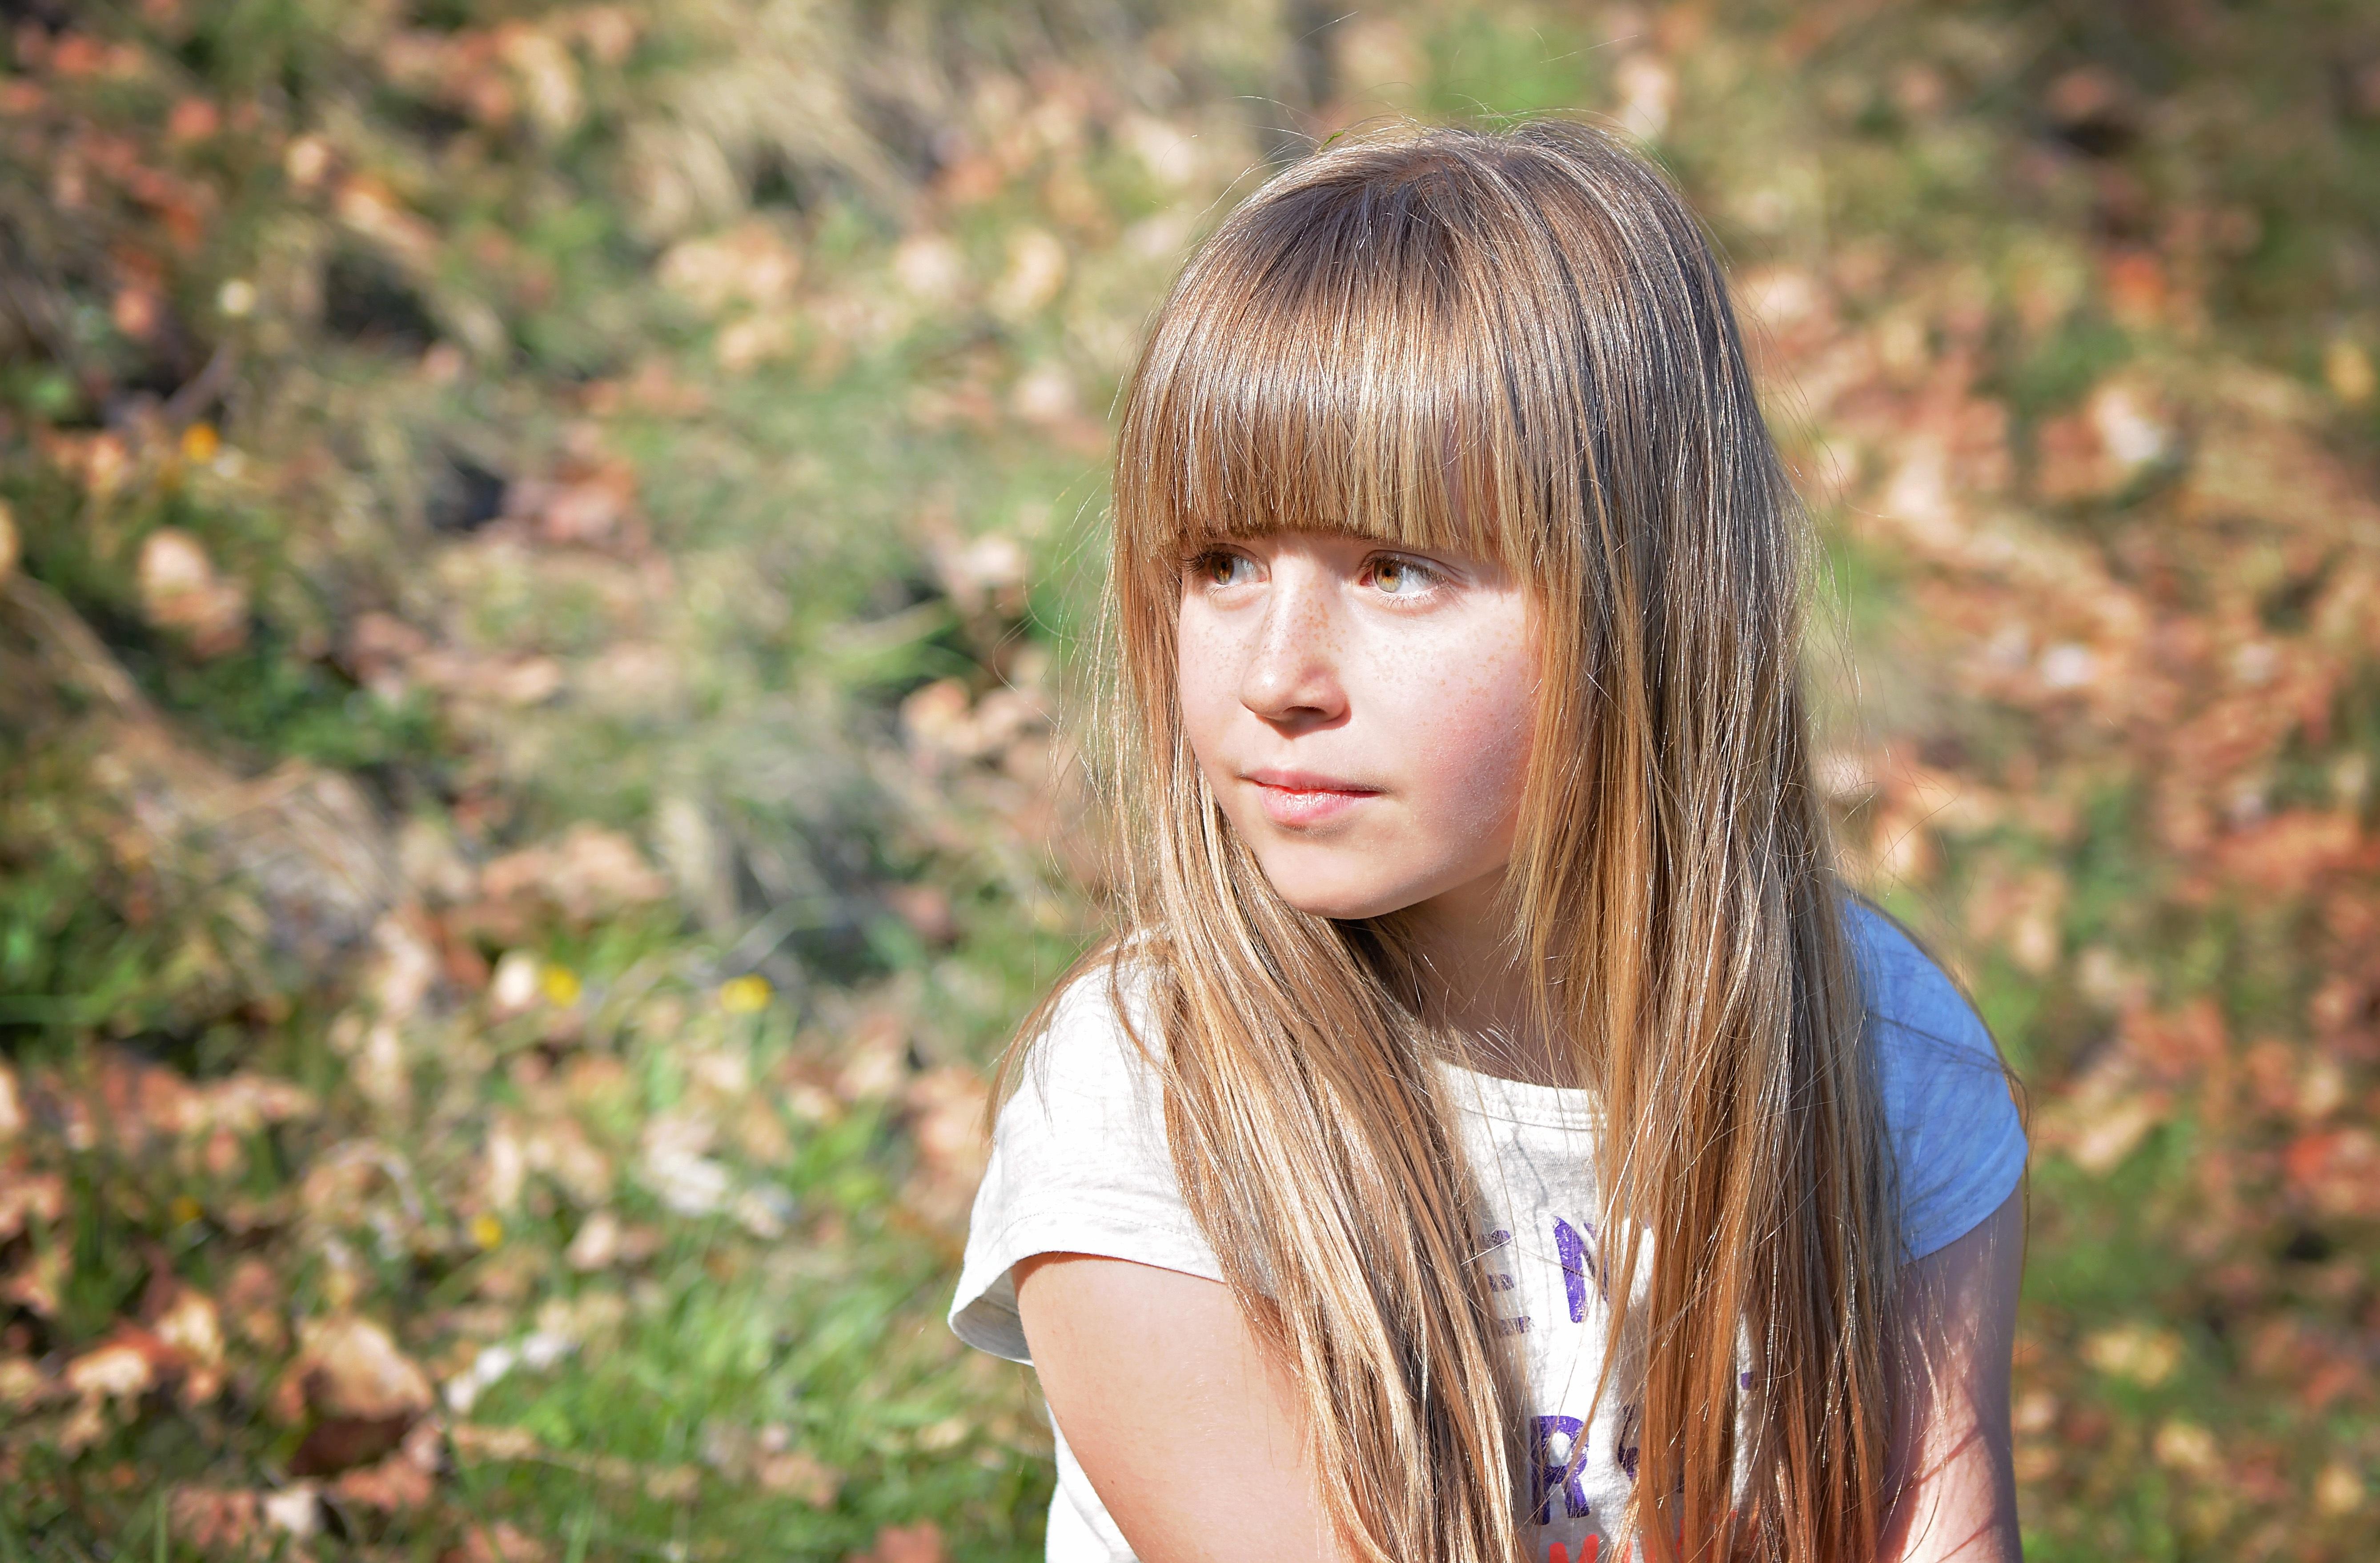 Portrait, Children, Cute, Cuteness, Girl, HQ Photo